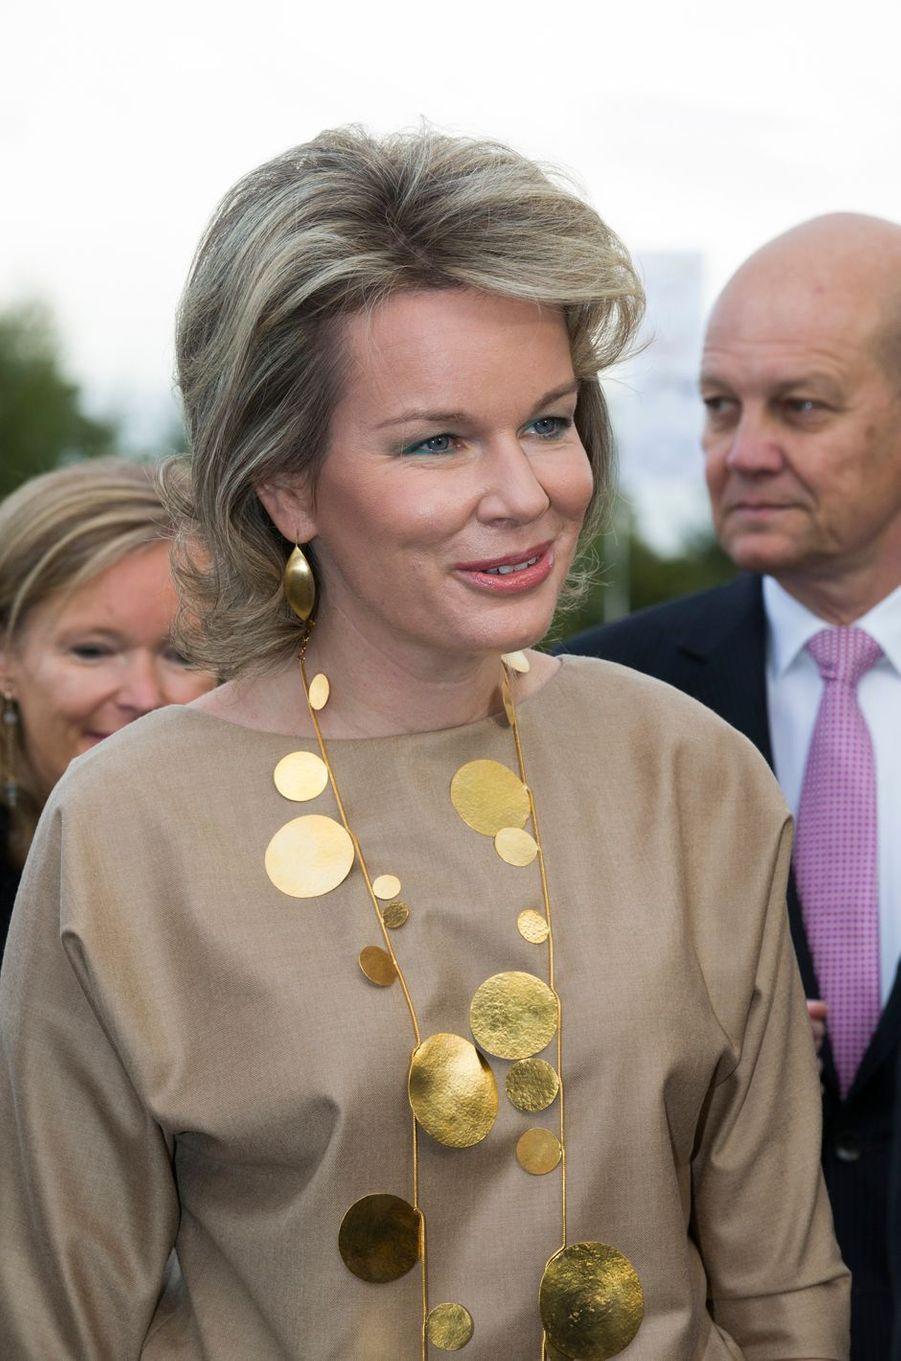 La reine Mathilde de Belgique portait un collier du designer Hervé Van der Straeten à Courtrai, le 20 octobre 2016